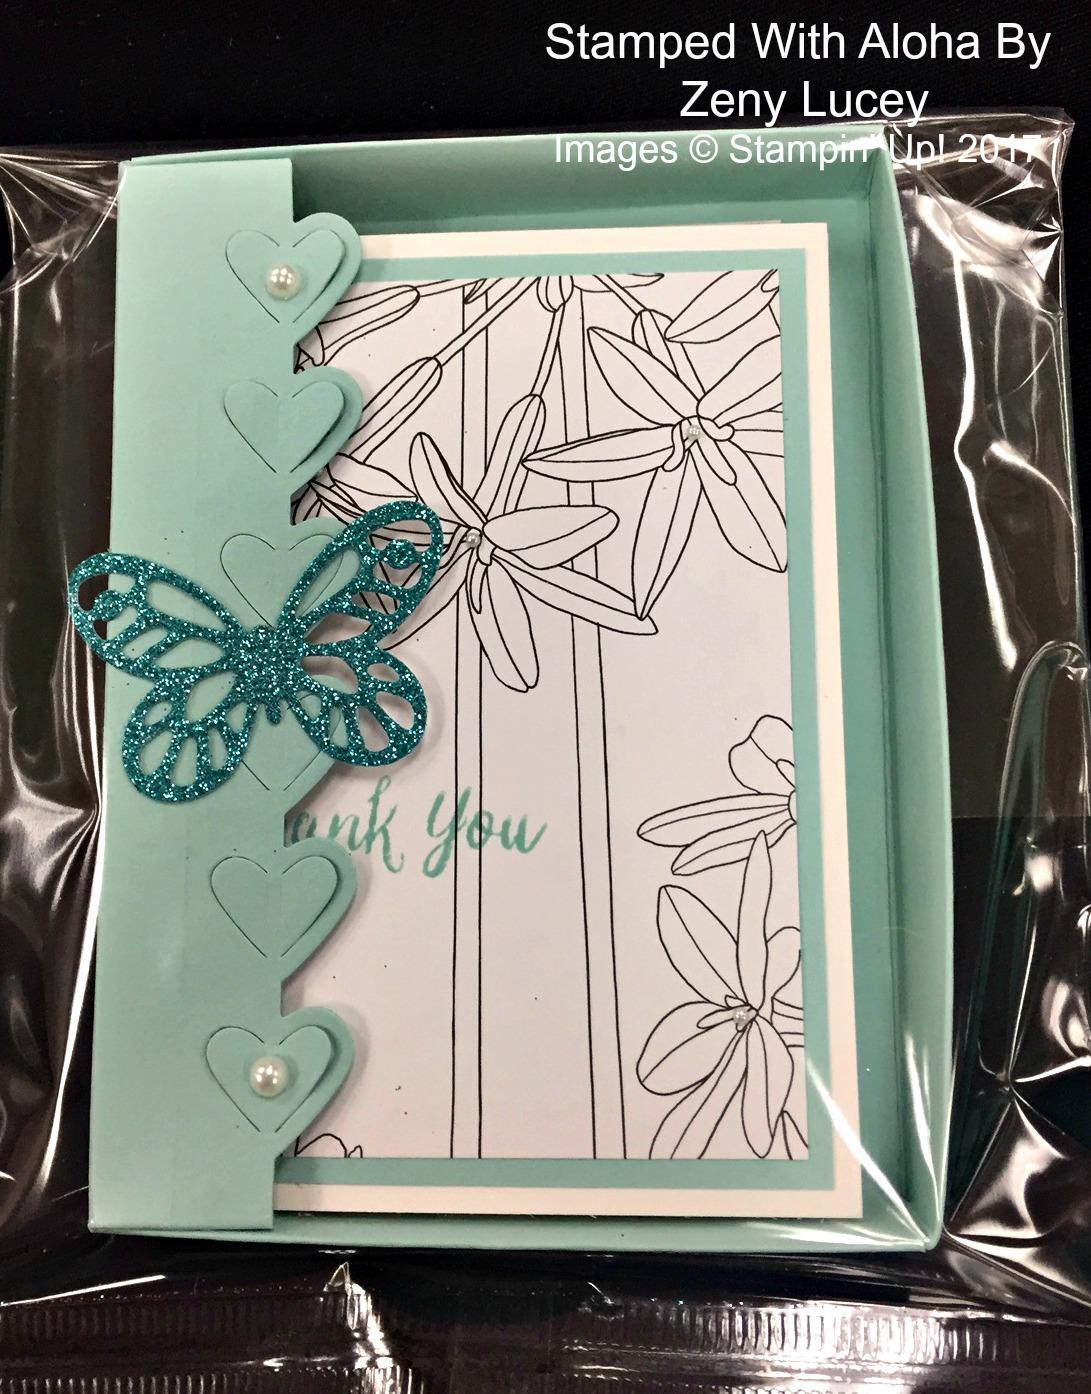 Zeny's Die Cut Box - www.stampedwithaloha.com